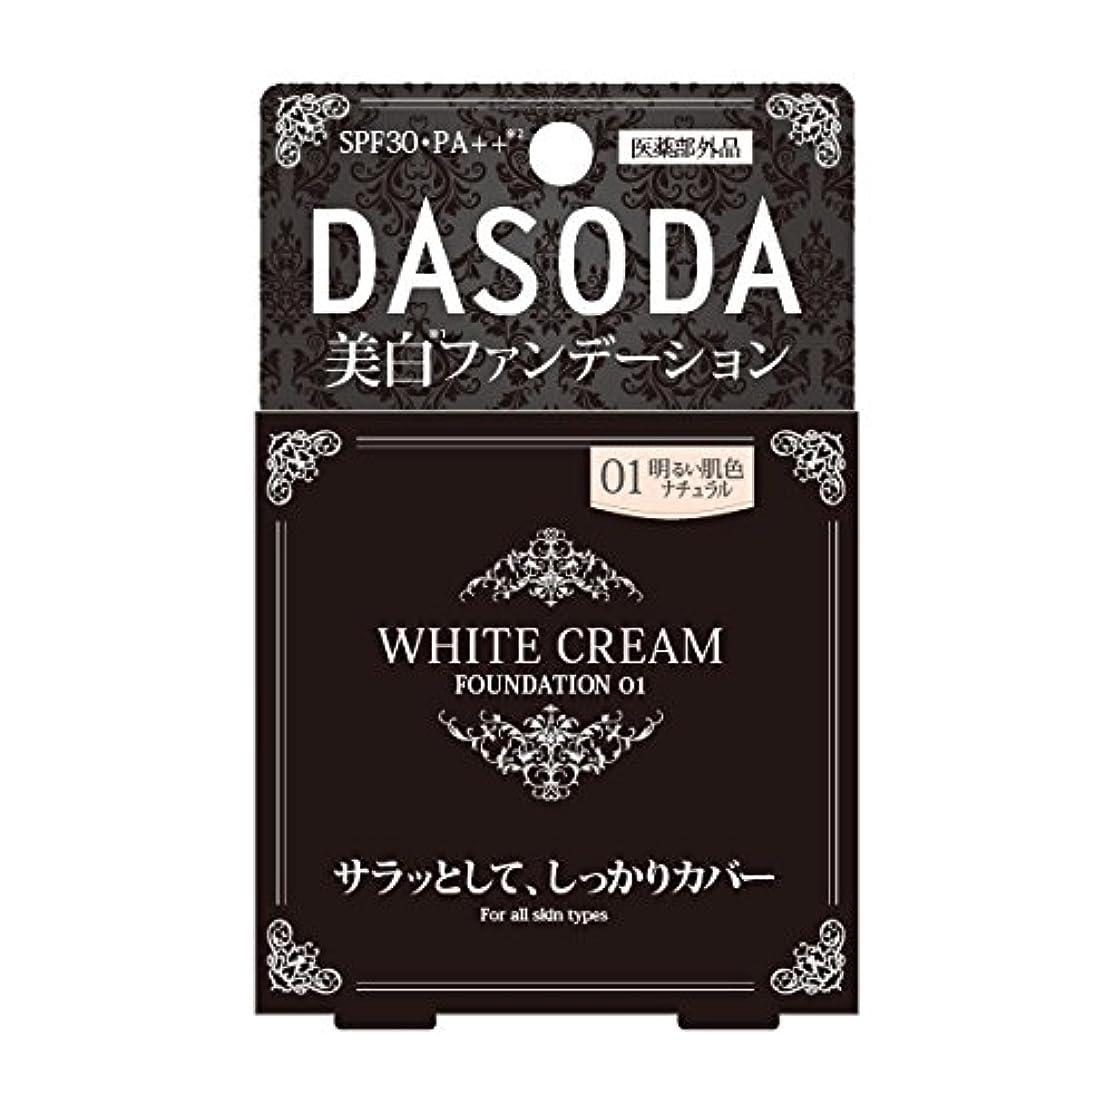 発音するホームレス記念日ダソダ エフシー ホワイトクリームファンデーション 01 ナチュラル 8g